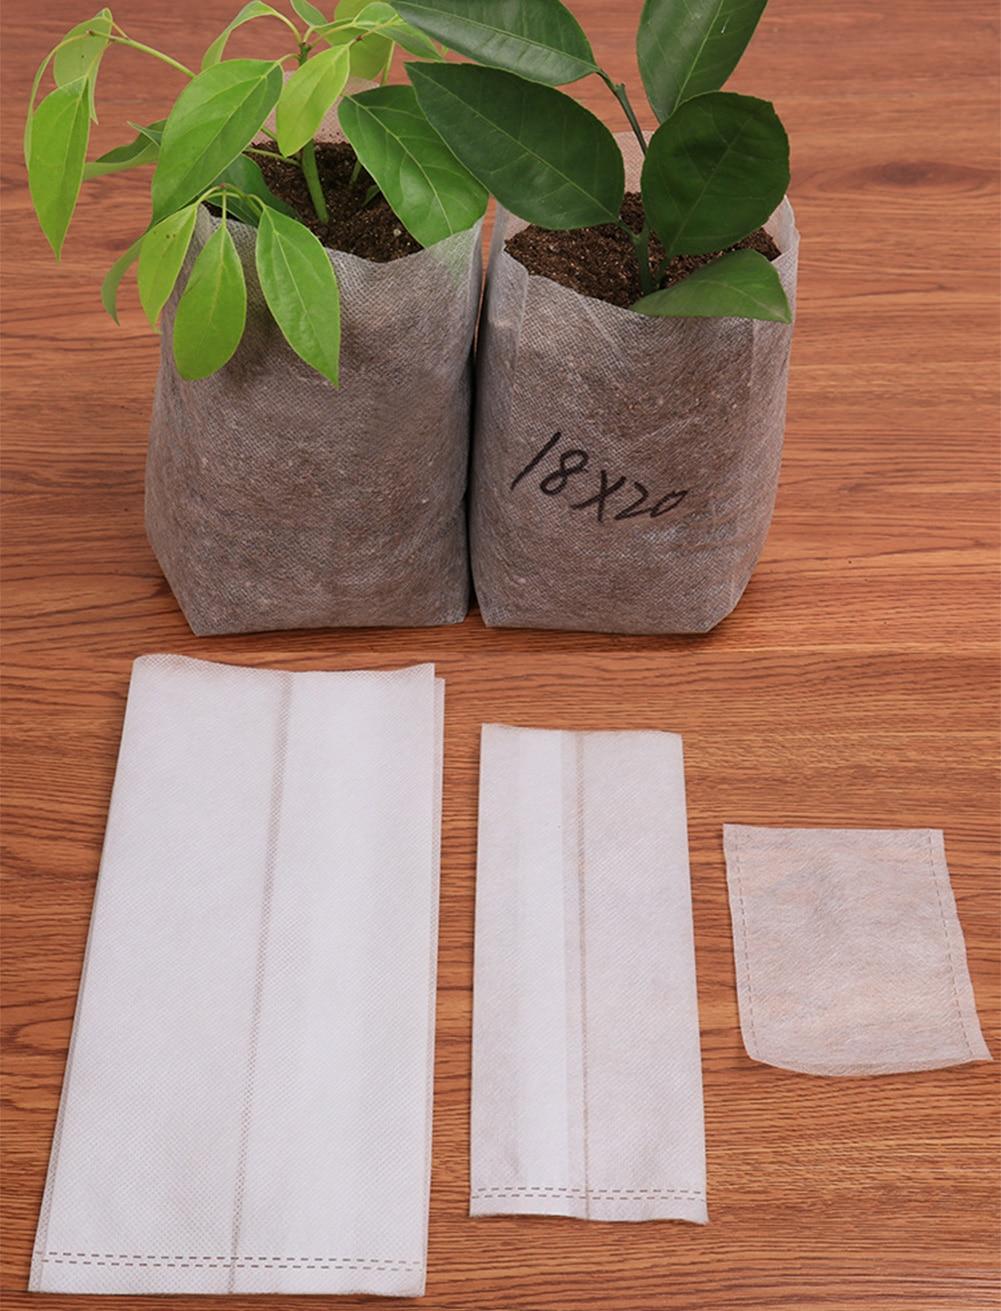 100 шт различных размеров биоразлагаемые нетканые сумки для питомников мешки для выращивания растений тканевые мешочки горшки для рассады Экологичные мешки для посадки Тканевые горшки для рассады      АлиЭкспресс